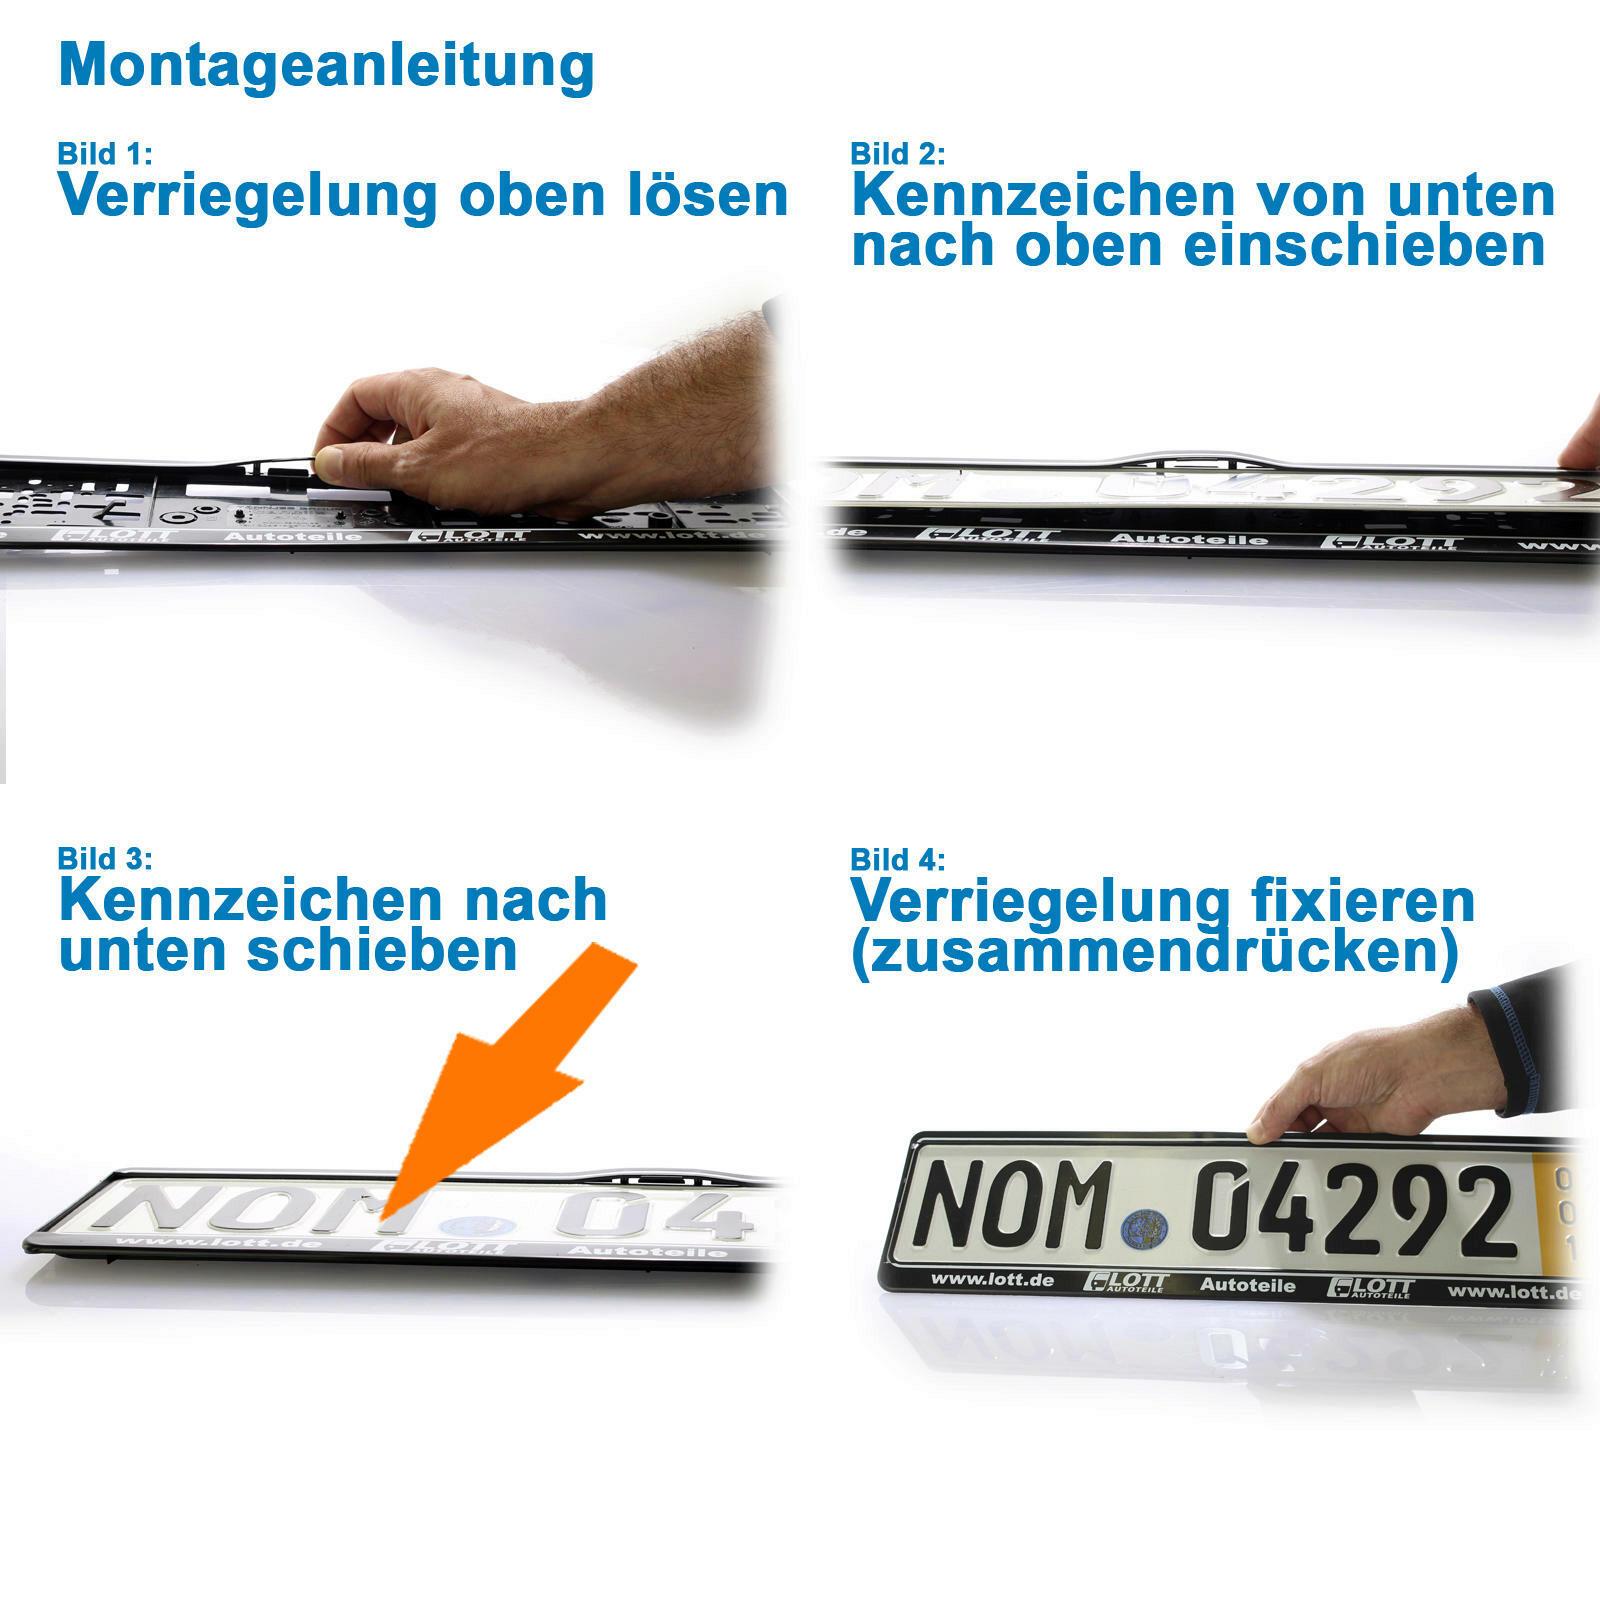 2x KENNZEICHENHALTER WWW.LOTT.DE NUMMERNSCHILD VW AUDI SEAT SKODA ...